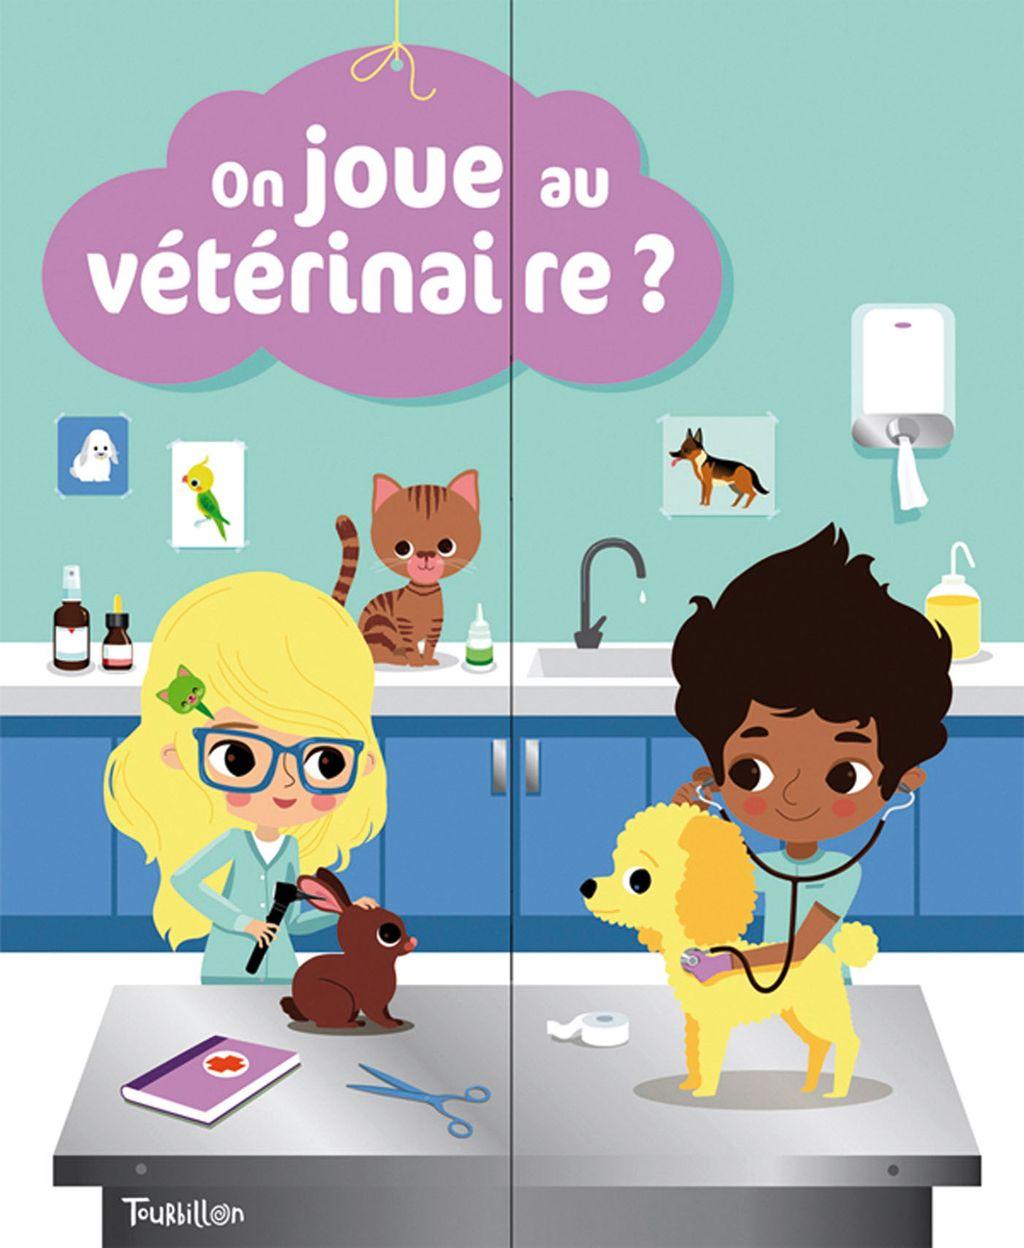 «On joue au vétérinaire ?» cover